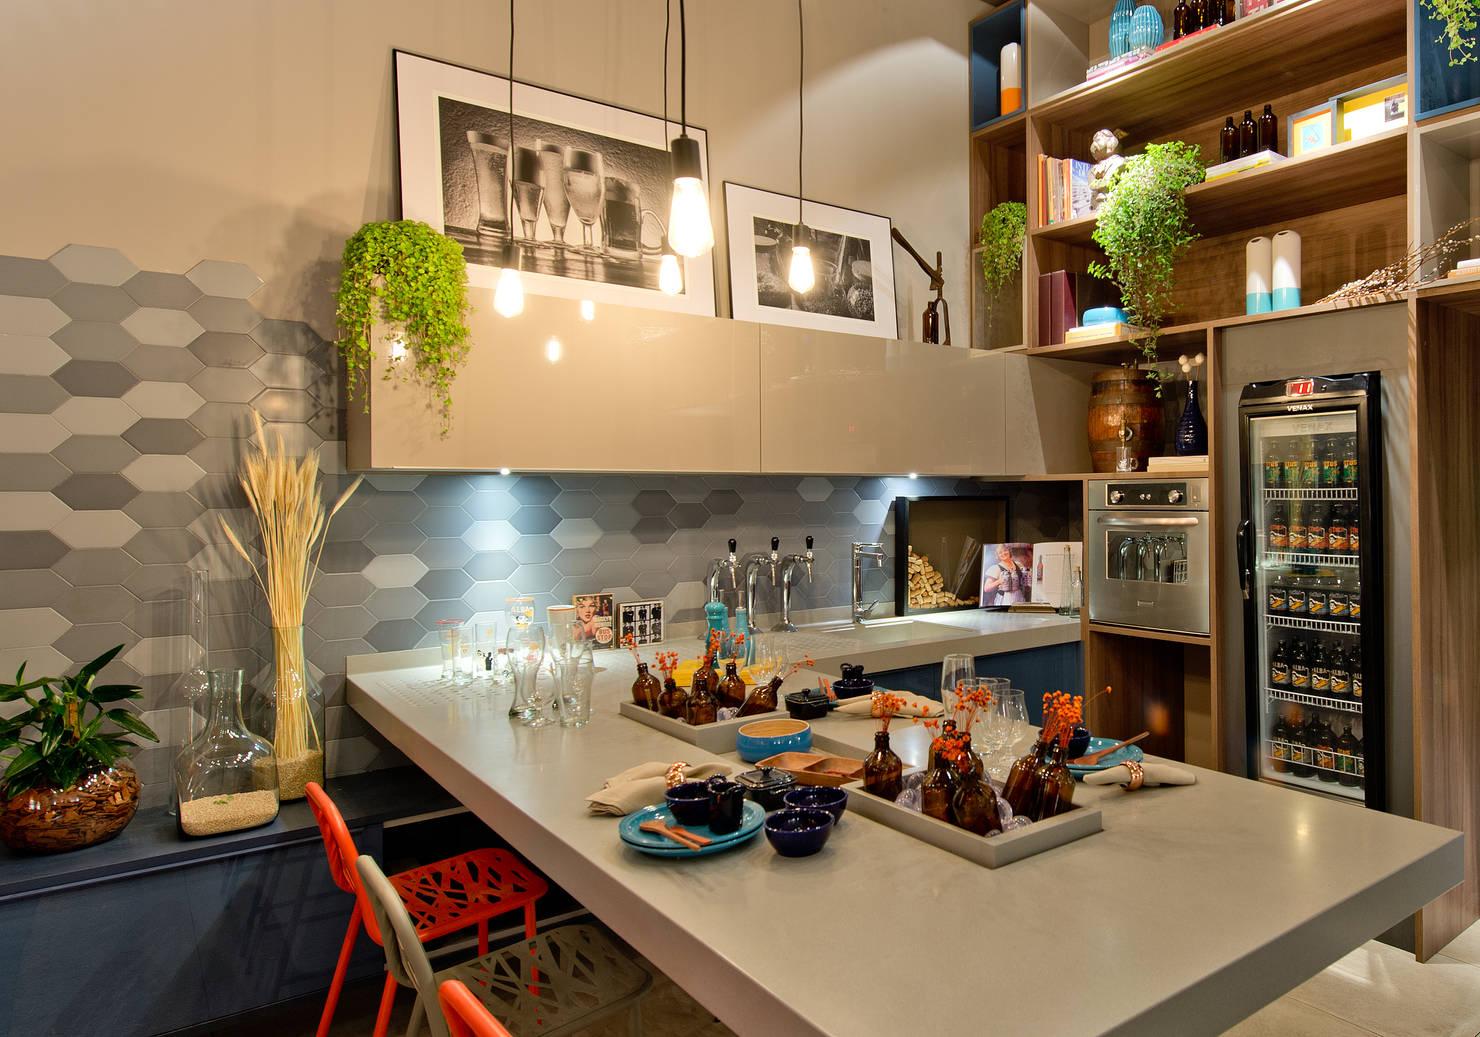 10 เคล็ดลับตกแต่งห้องครัวของคุณให้สวยทันสมัย